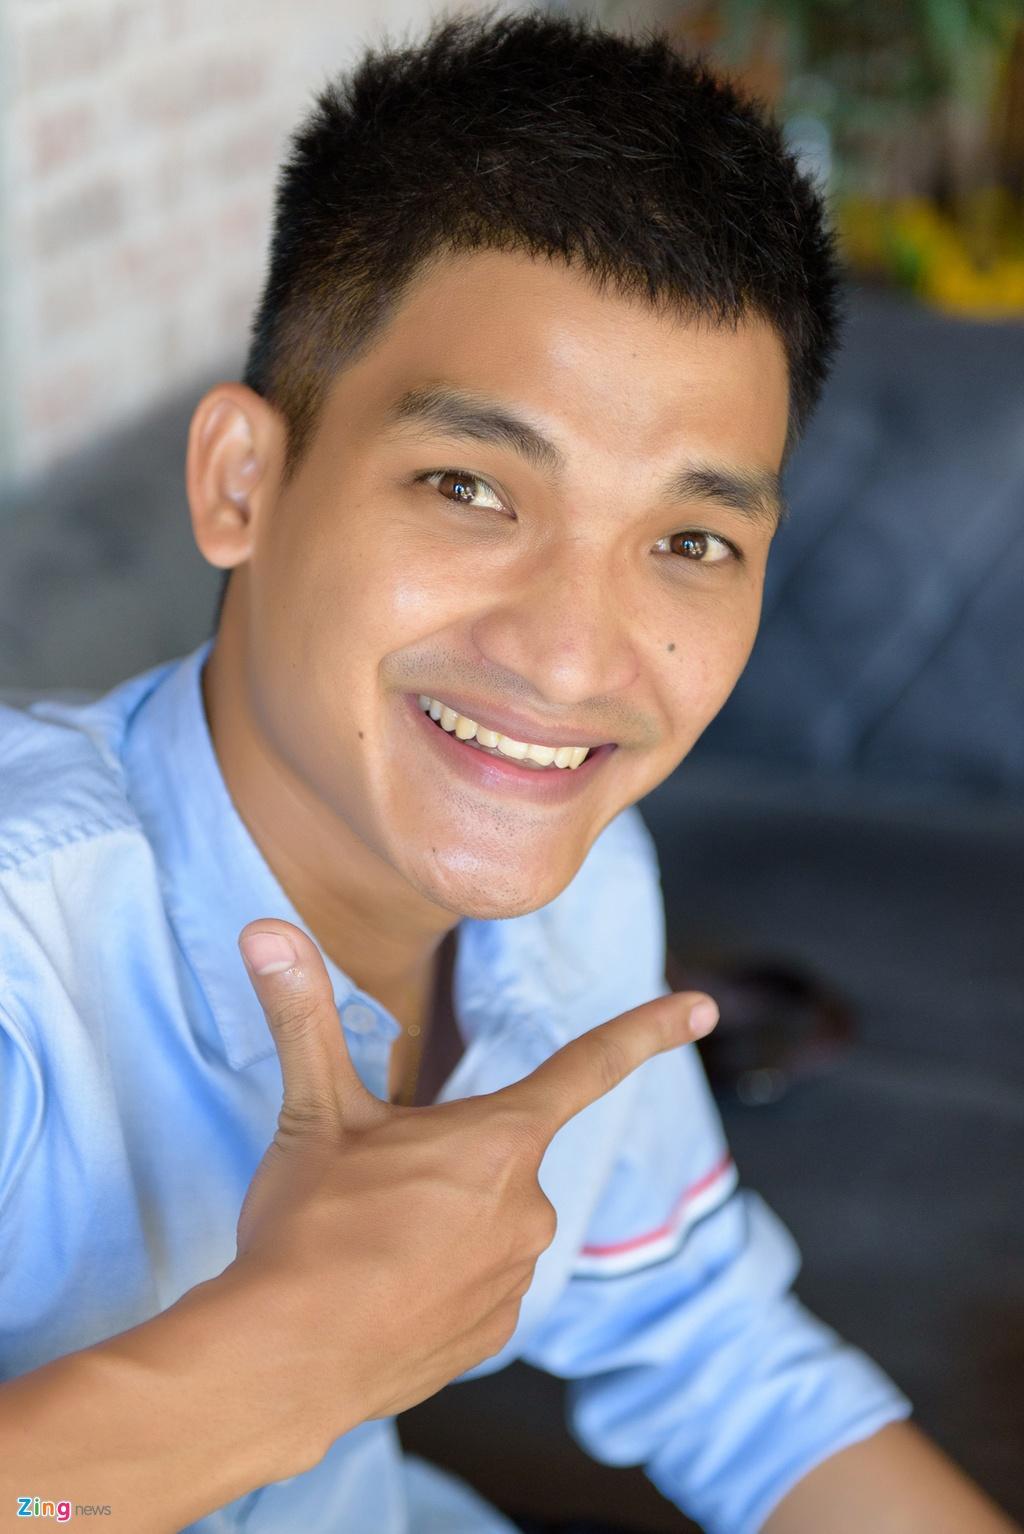 Mac Van Khoa: Kiem vai tram trieu moi thang nhung toi it de y den tien hinh anh 3